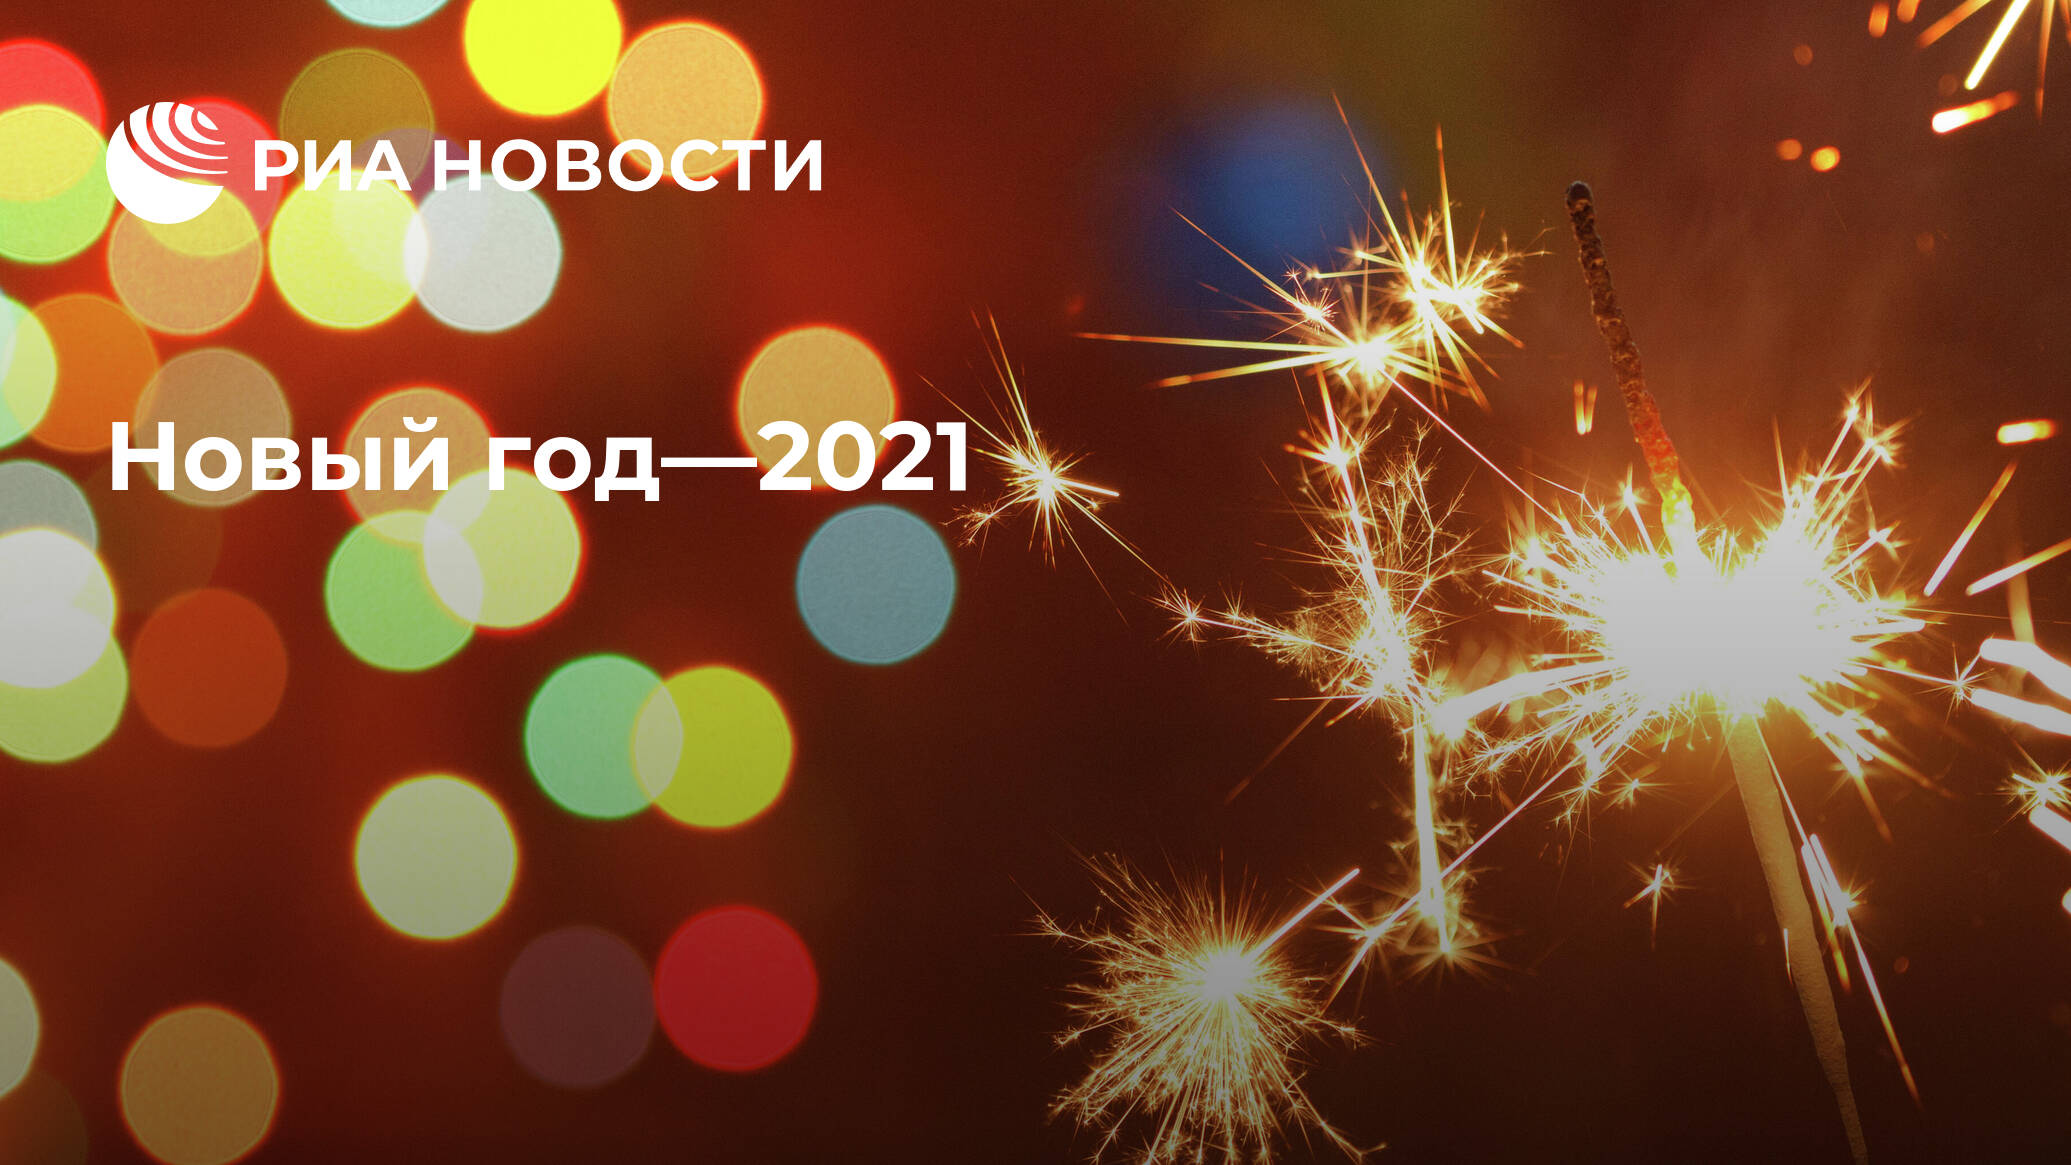 Novyj God 2021 Ria Novosti